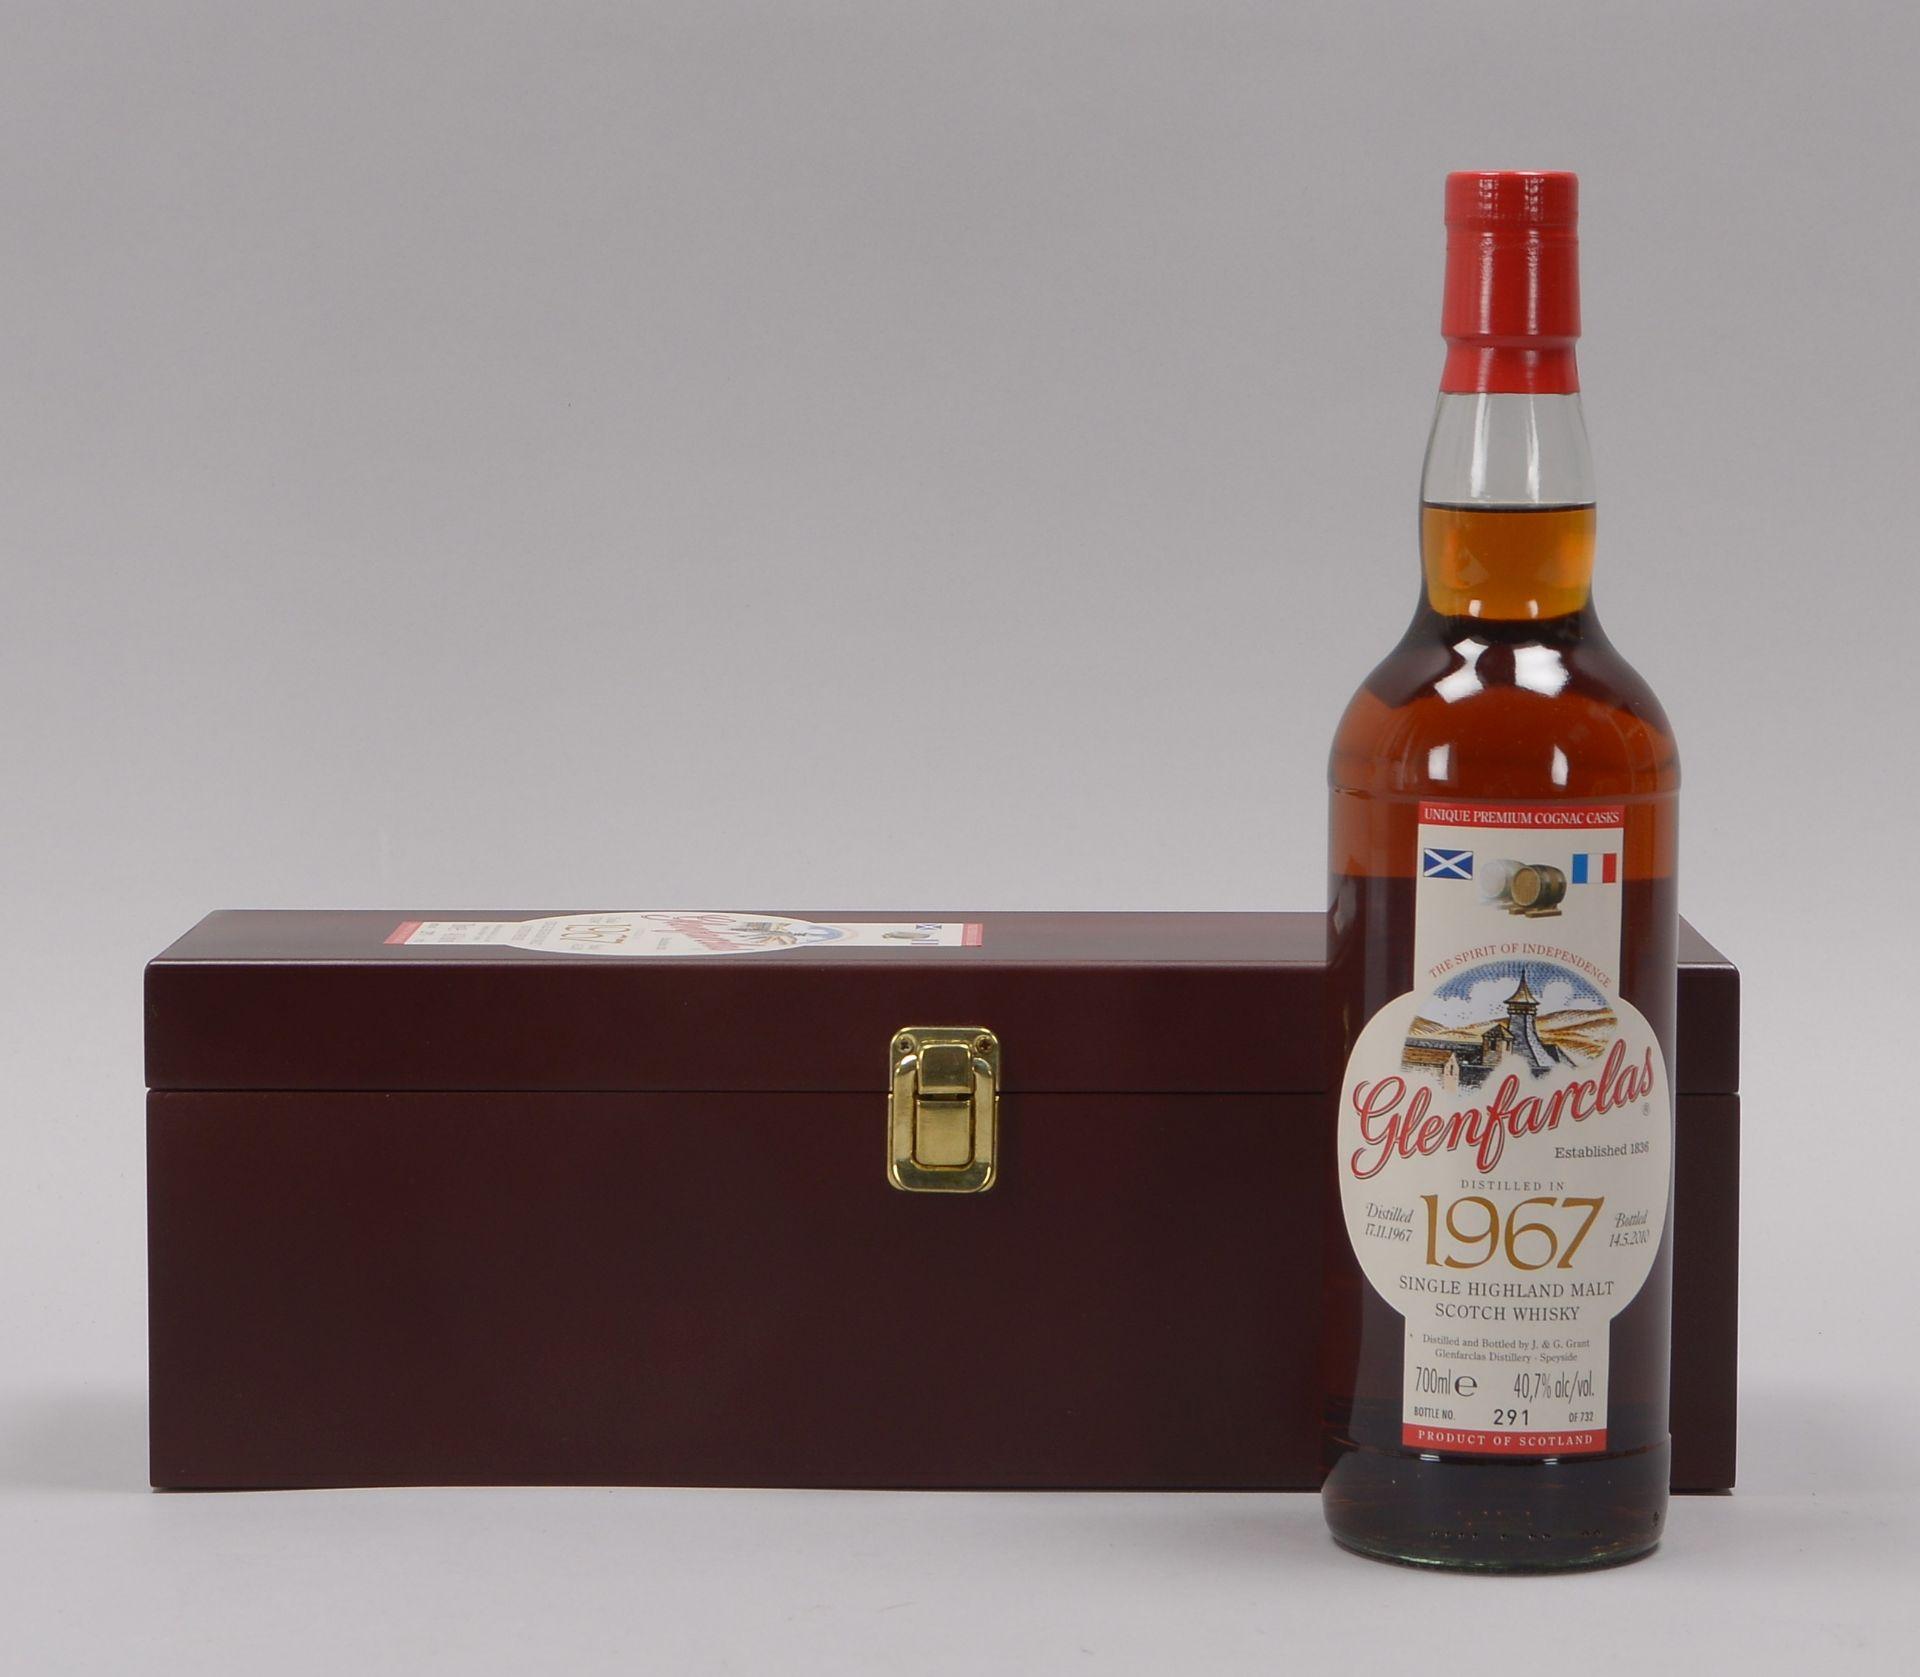 Sammlerwhisky: 'Glenfarclas Single Highland Malt Scotch Whisky', 'Distilled 17.11.196 - Image 3 of 4